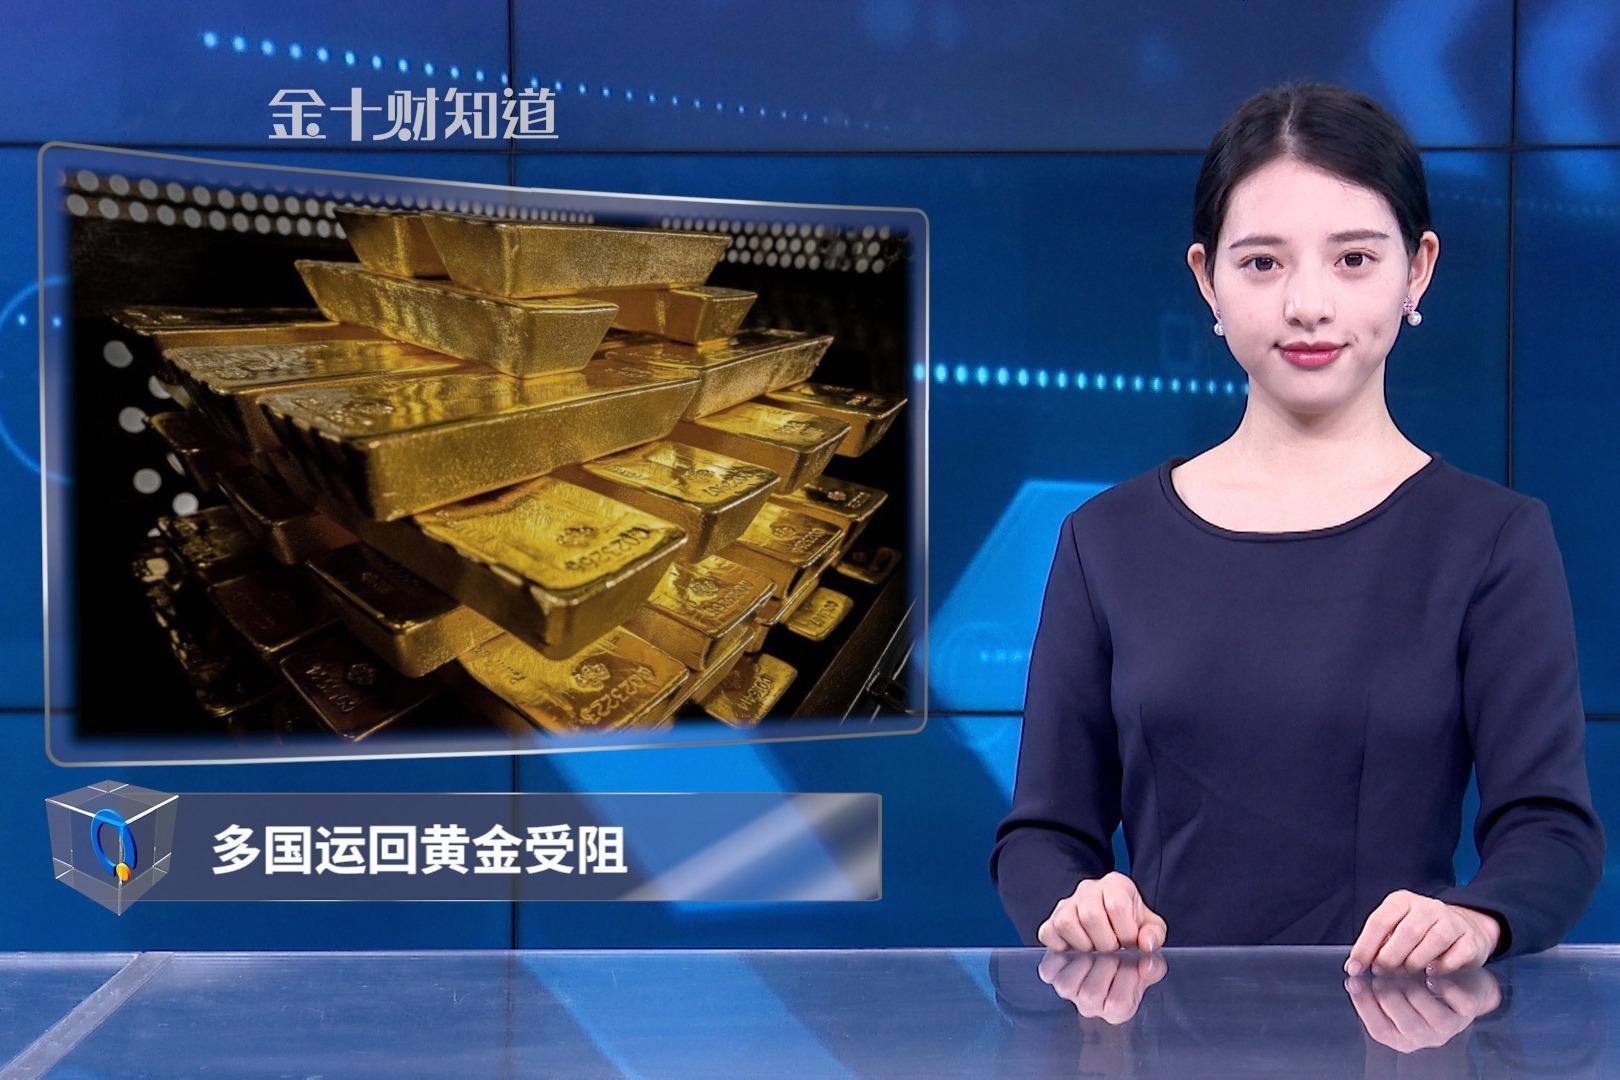 继德国要求运回黄金被拒后,又一国运回黄金受阻!中国的600吨呢?